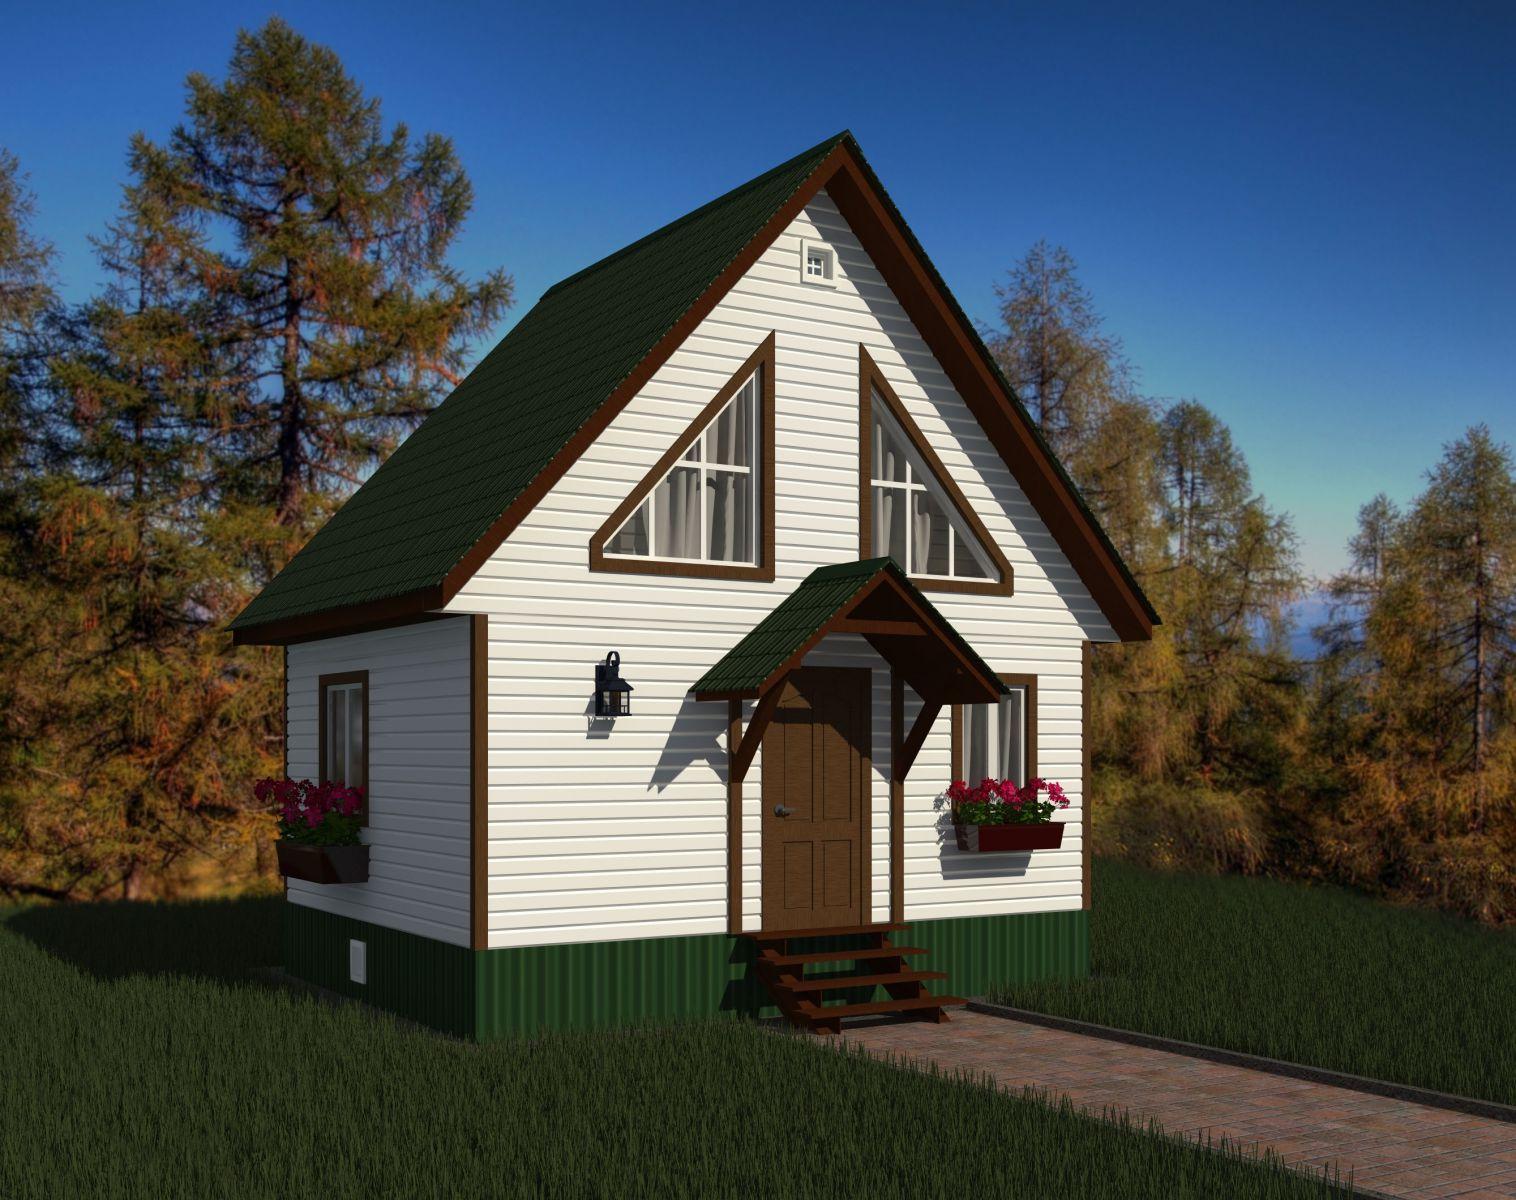 дом эконом класса под ключ недорого фото разделена элементы для